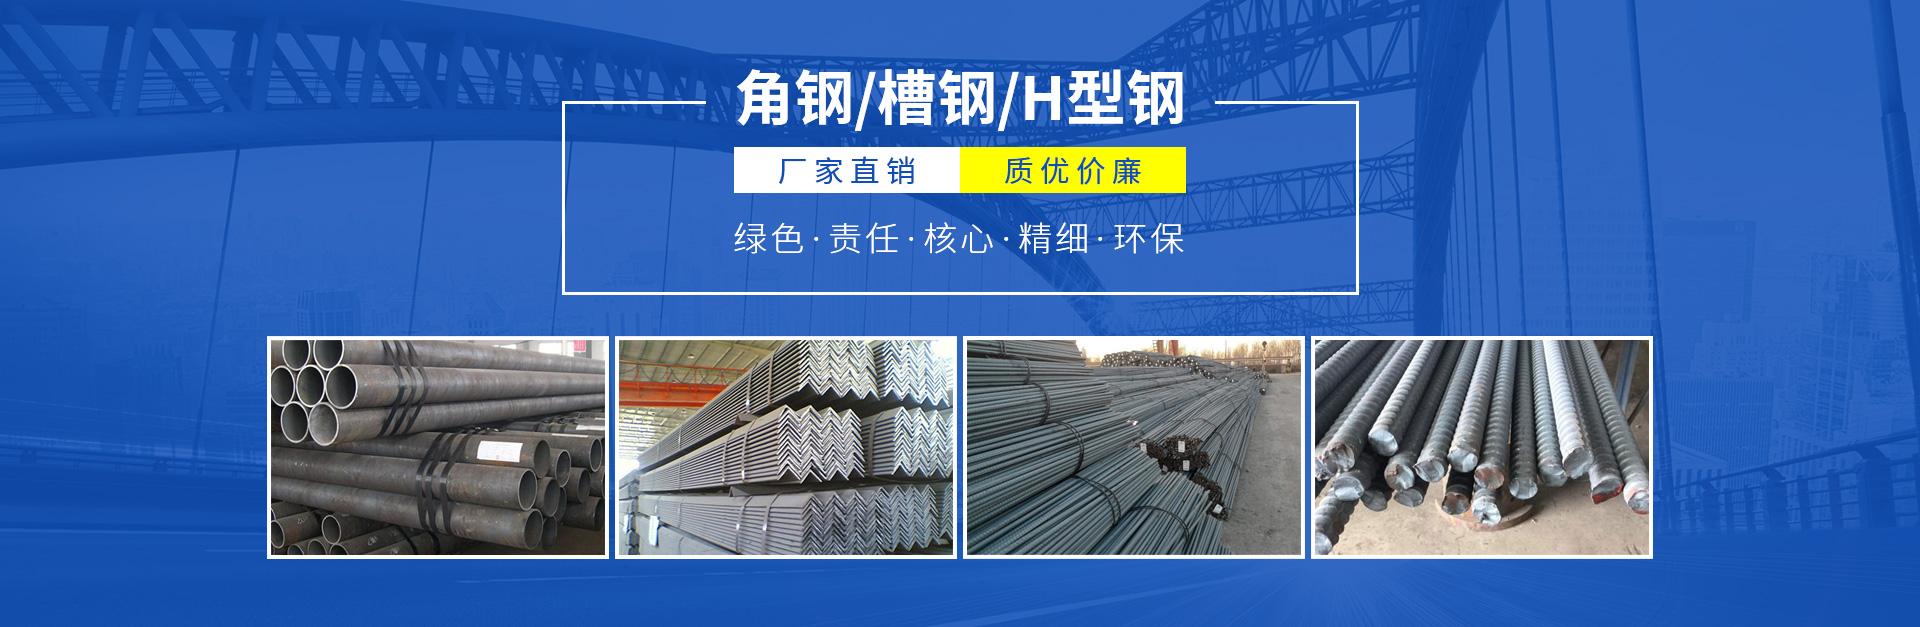 重庆钢材厂家